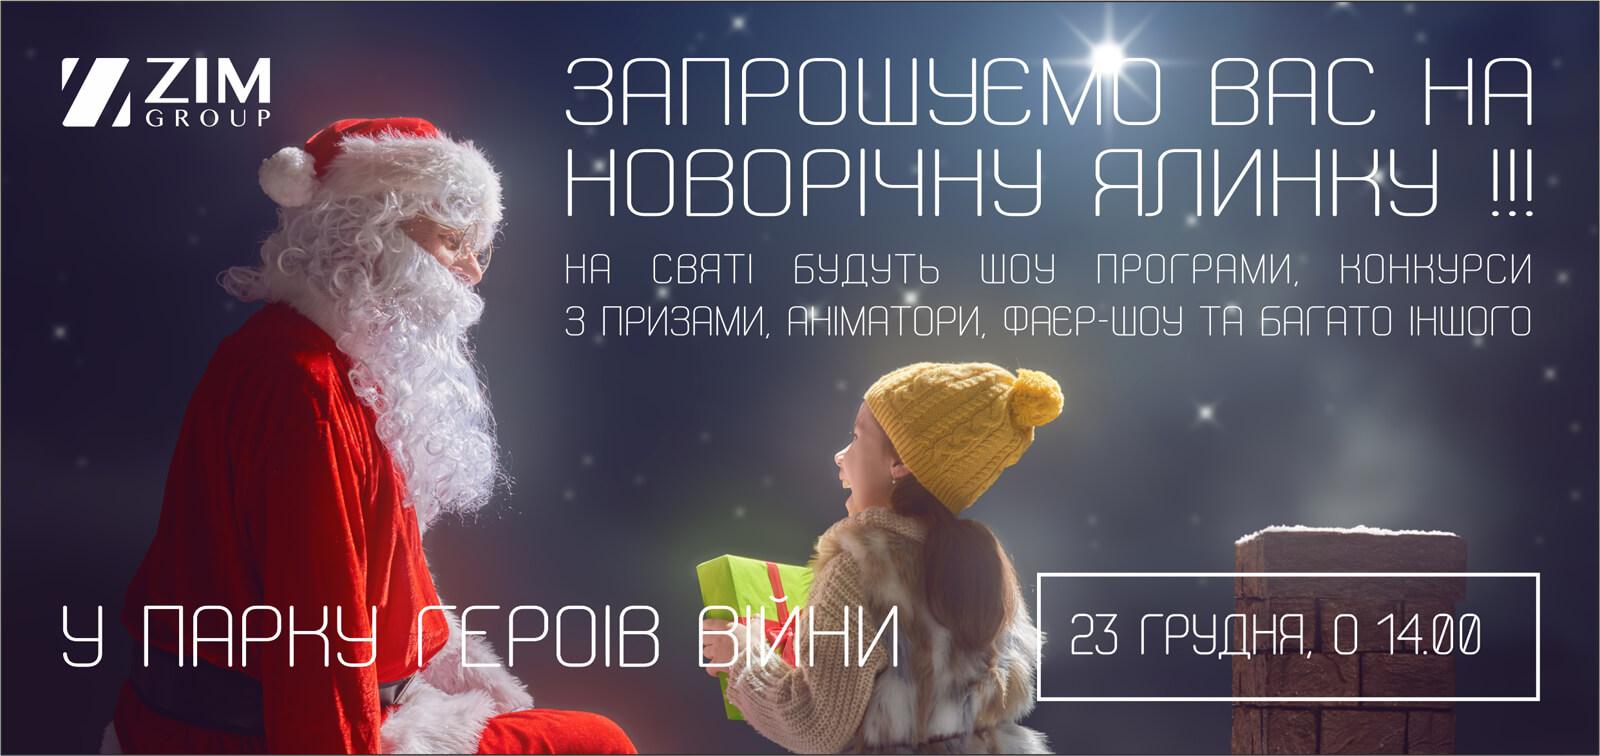 010-ukr